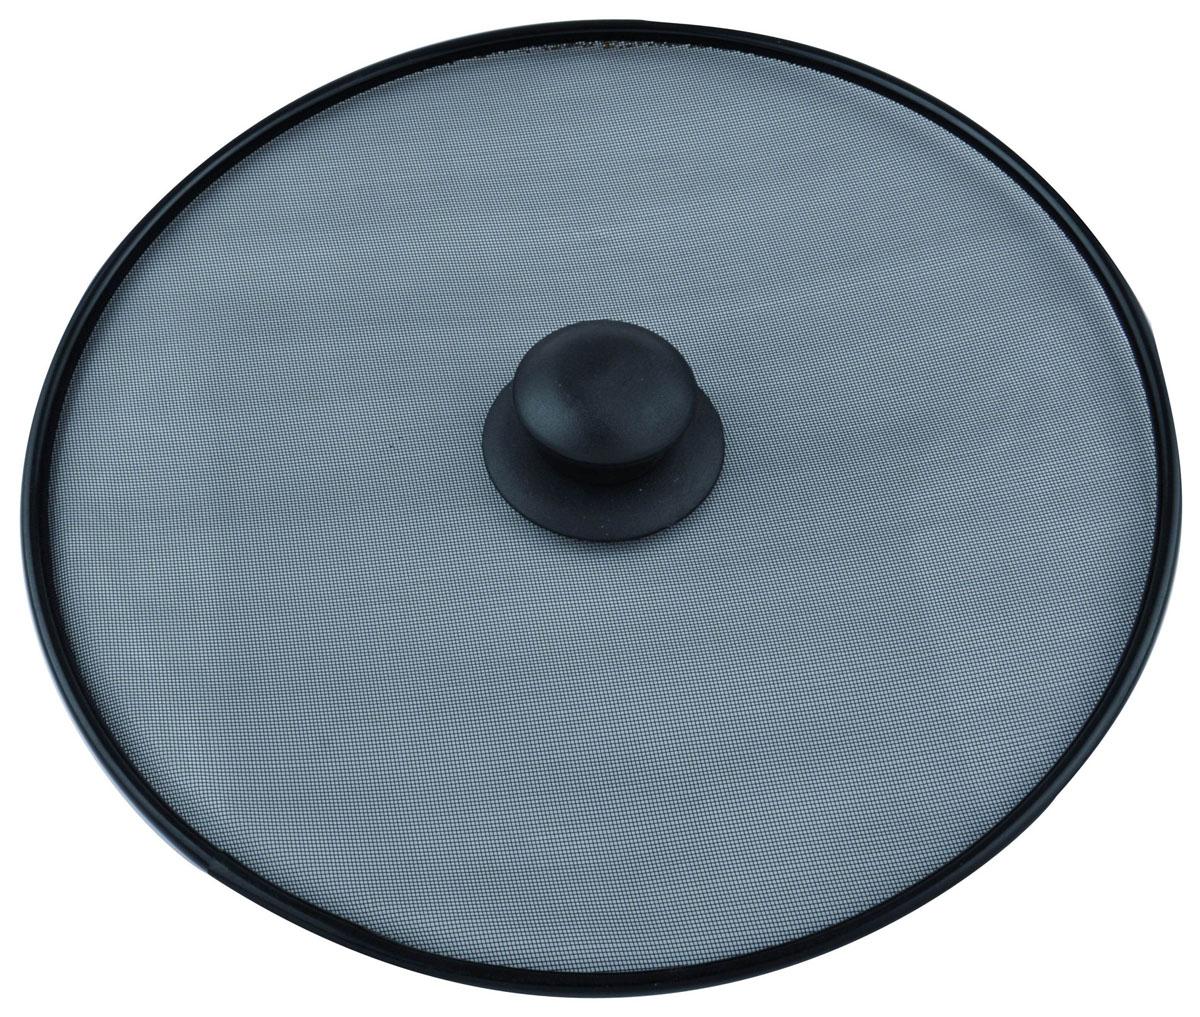 Крышка-защита от брызг Pronto. Диаметр 28 см. 93-PRO-35-28CM000001328Крышка-защита от брызг Linea Pronto выполнена из высококачественной нержавеющей стали с темным покрытием. Крышка представляет собой прочную стальную сетку на металлическом ободке. Крышка станет надежной защитой от брызг во время приготовления пищи, в то же время она полностью воздухопроницаемая. Крышка оснащена удобной пластиковой ручкой. Характеристики:Материал: нержавеющая сталь, пластик.Диаметр: 28 см.Цвет: черный.Артикул: 93-PRO-35-28.